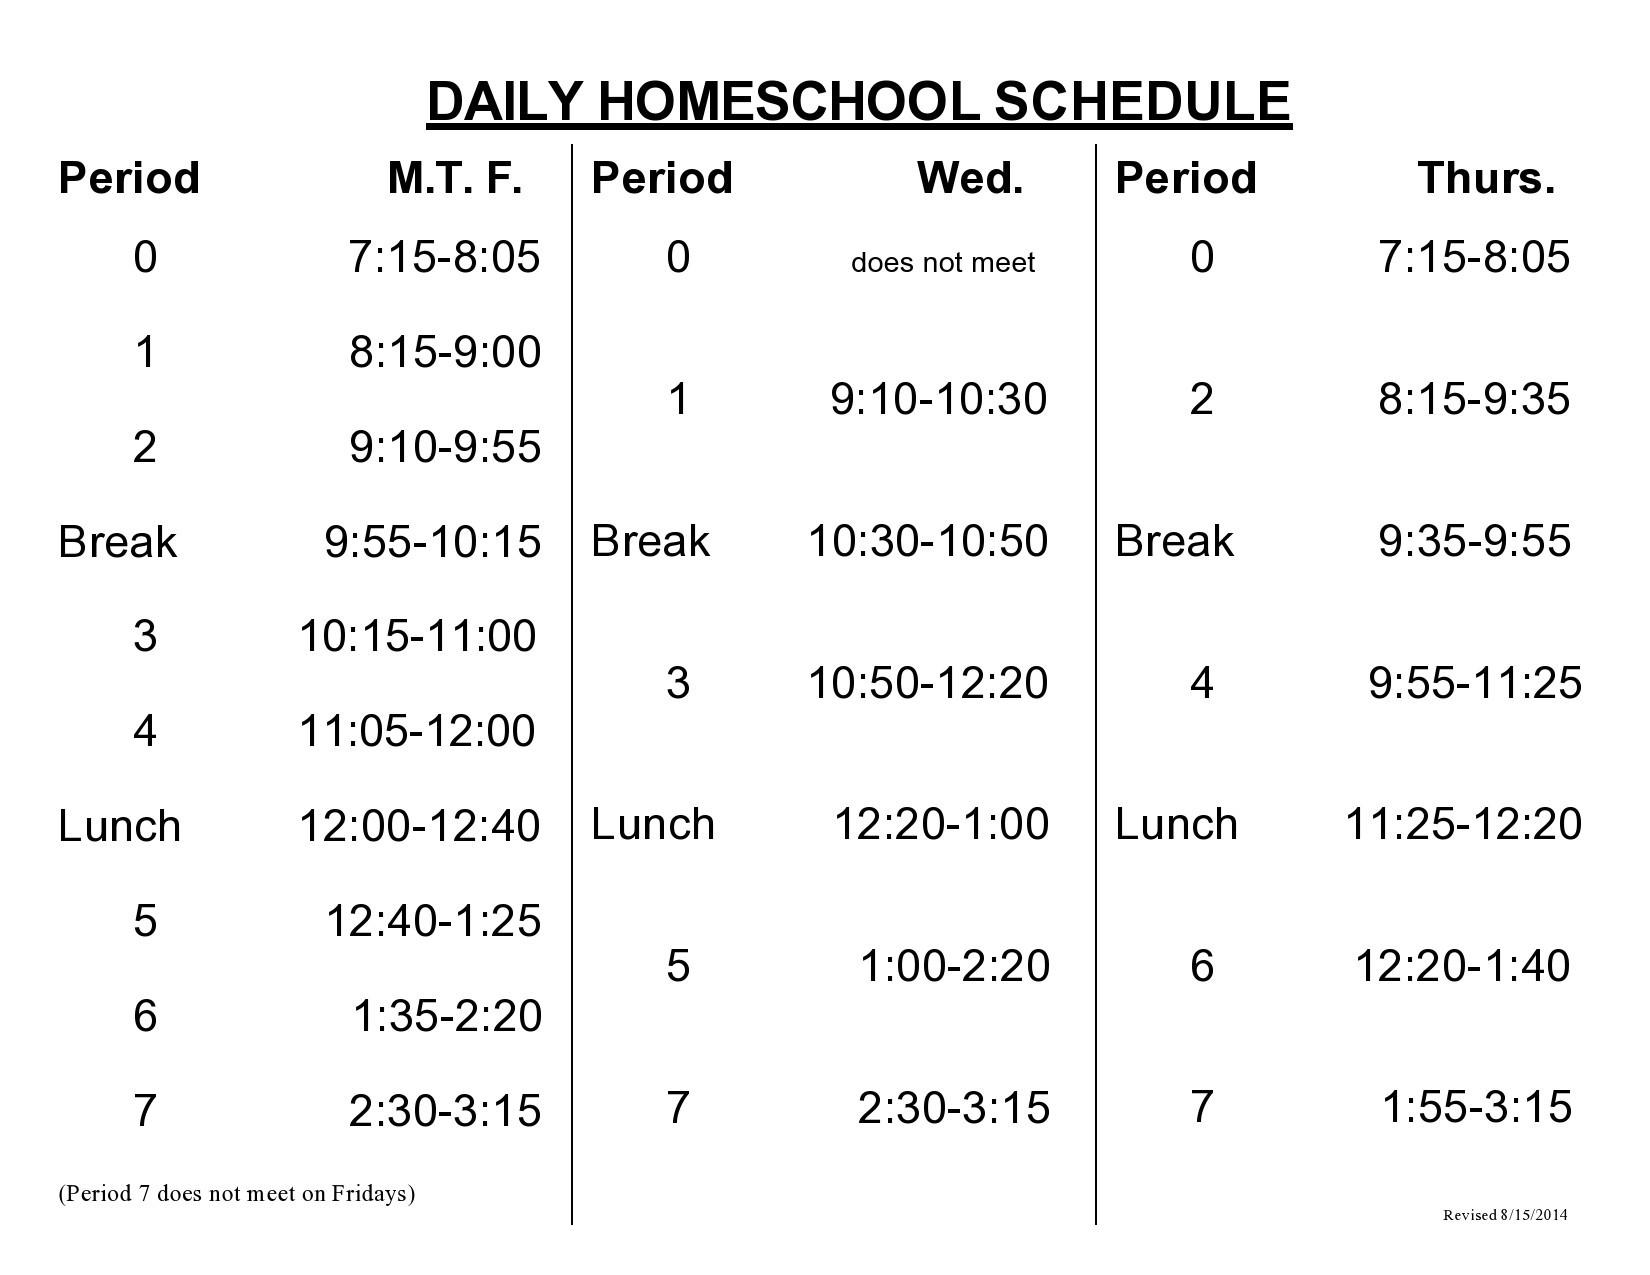 Free homeschool schedule template 35